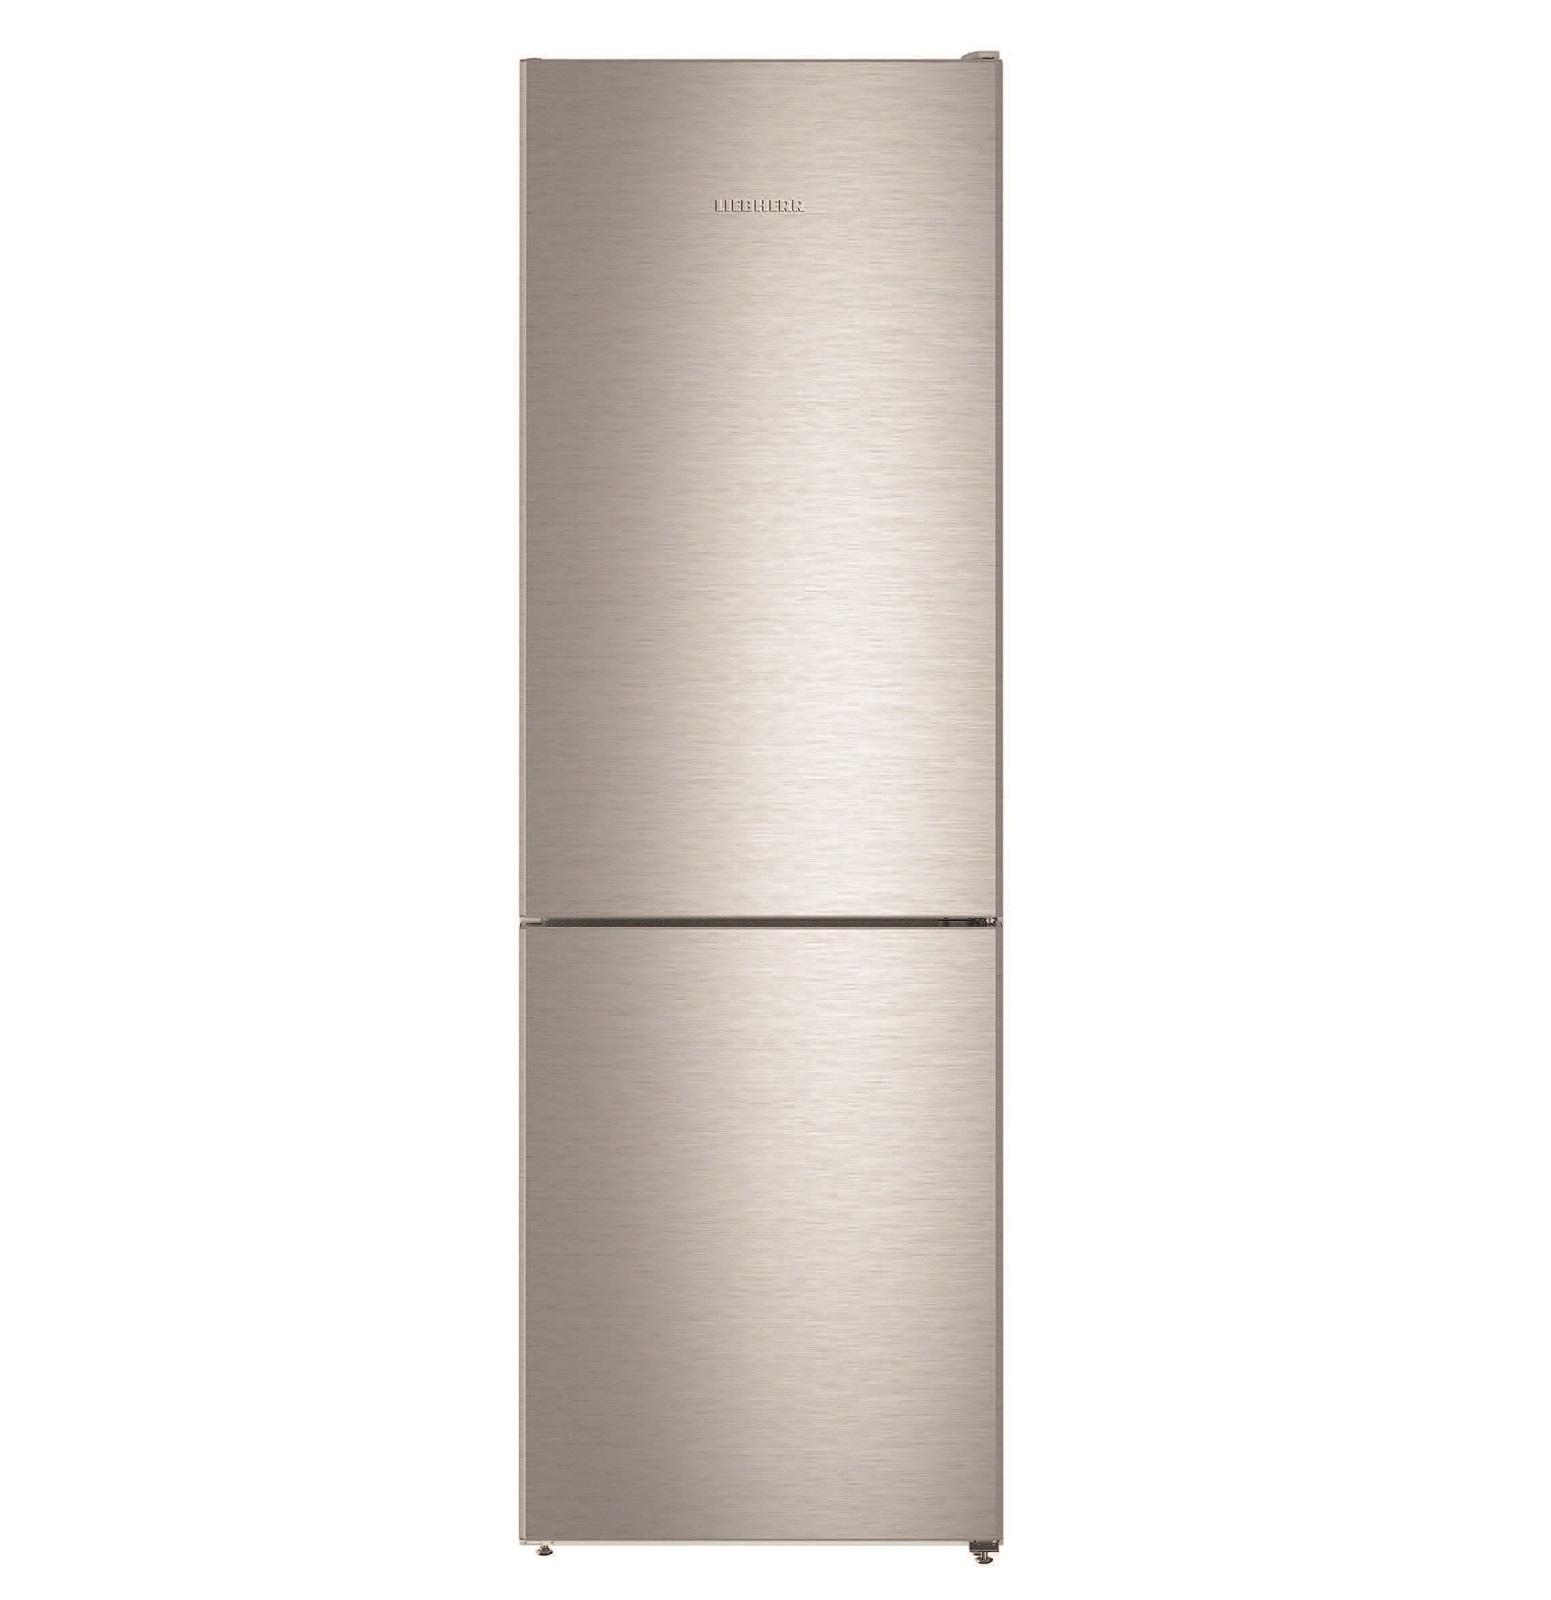 купить Двухкамерный холодильник Liebherr CNef 4313 Украина фото 1